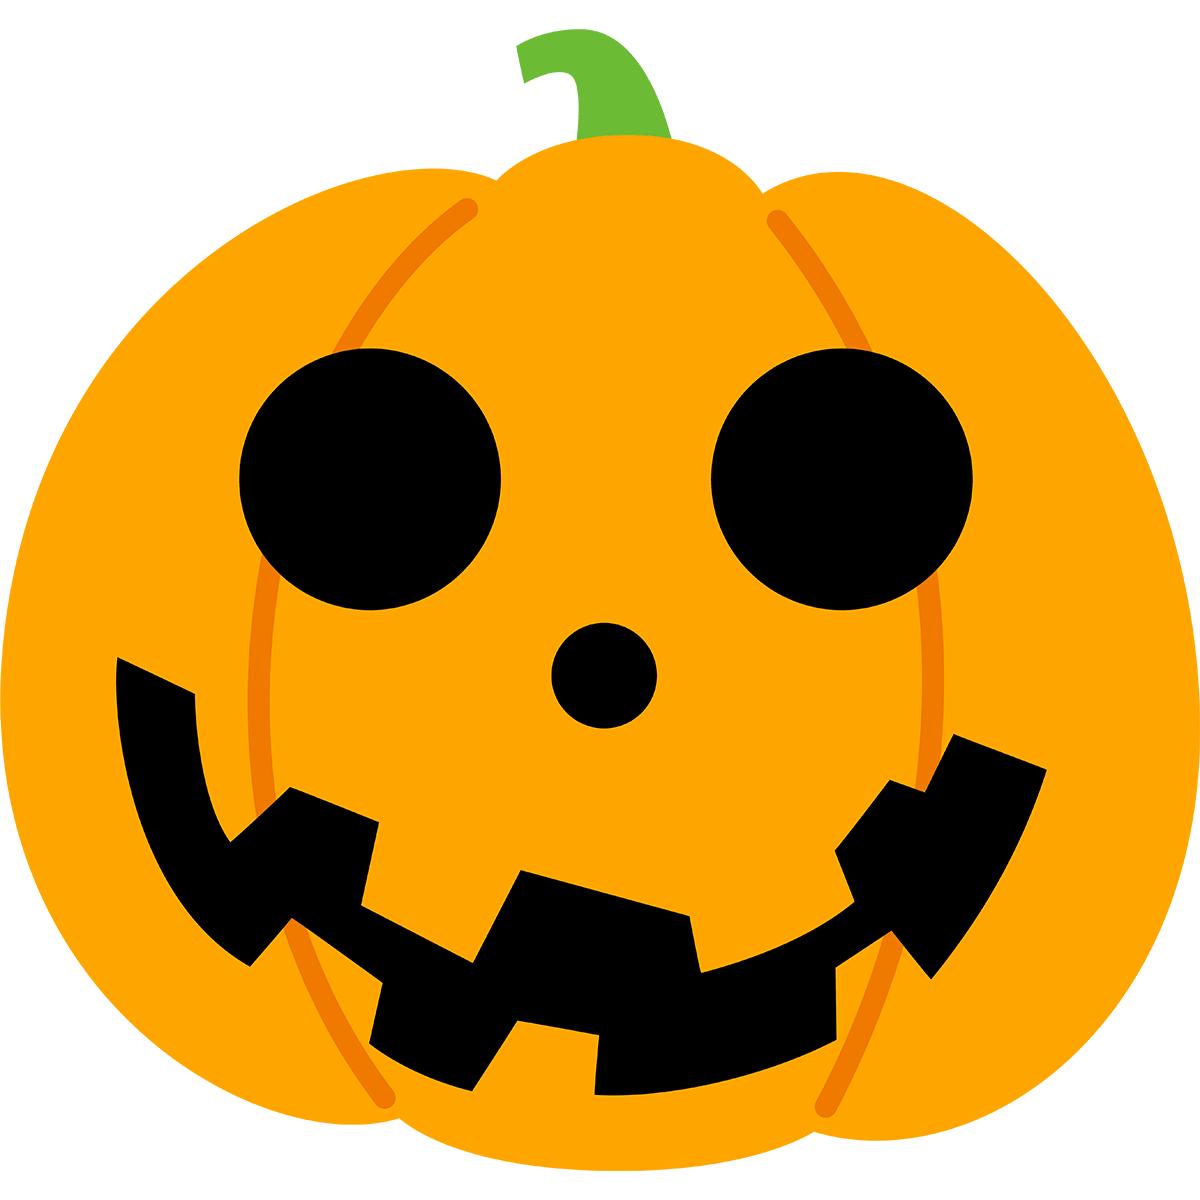 ハロウィンかぼちゃ(丸型)の無料イラスト